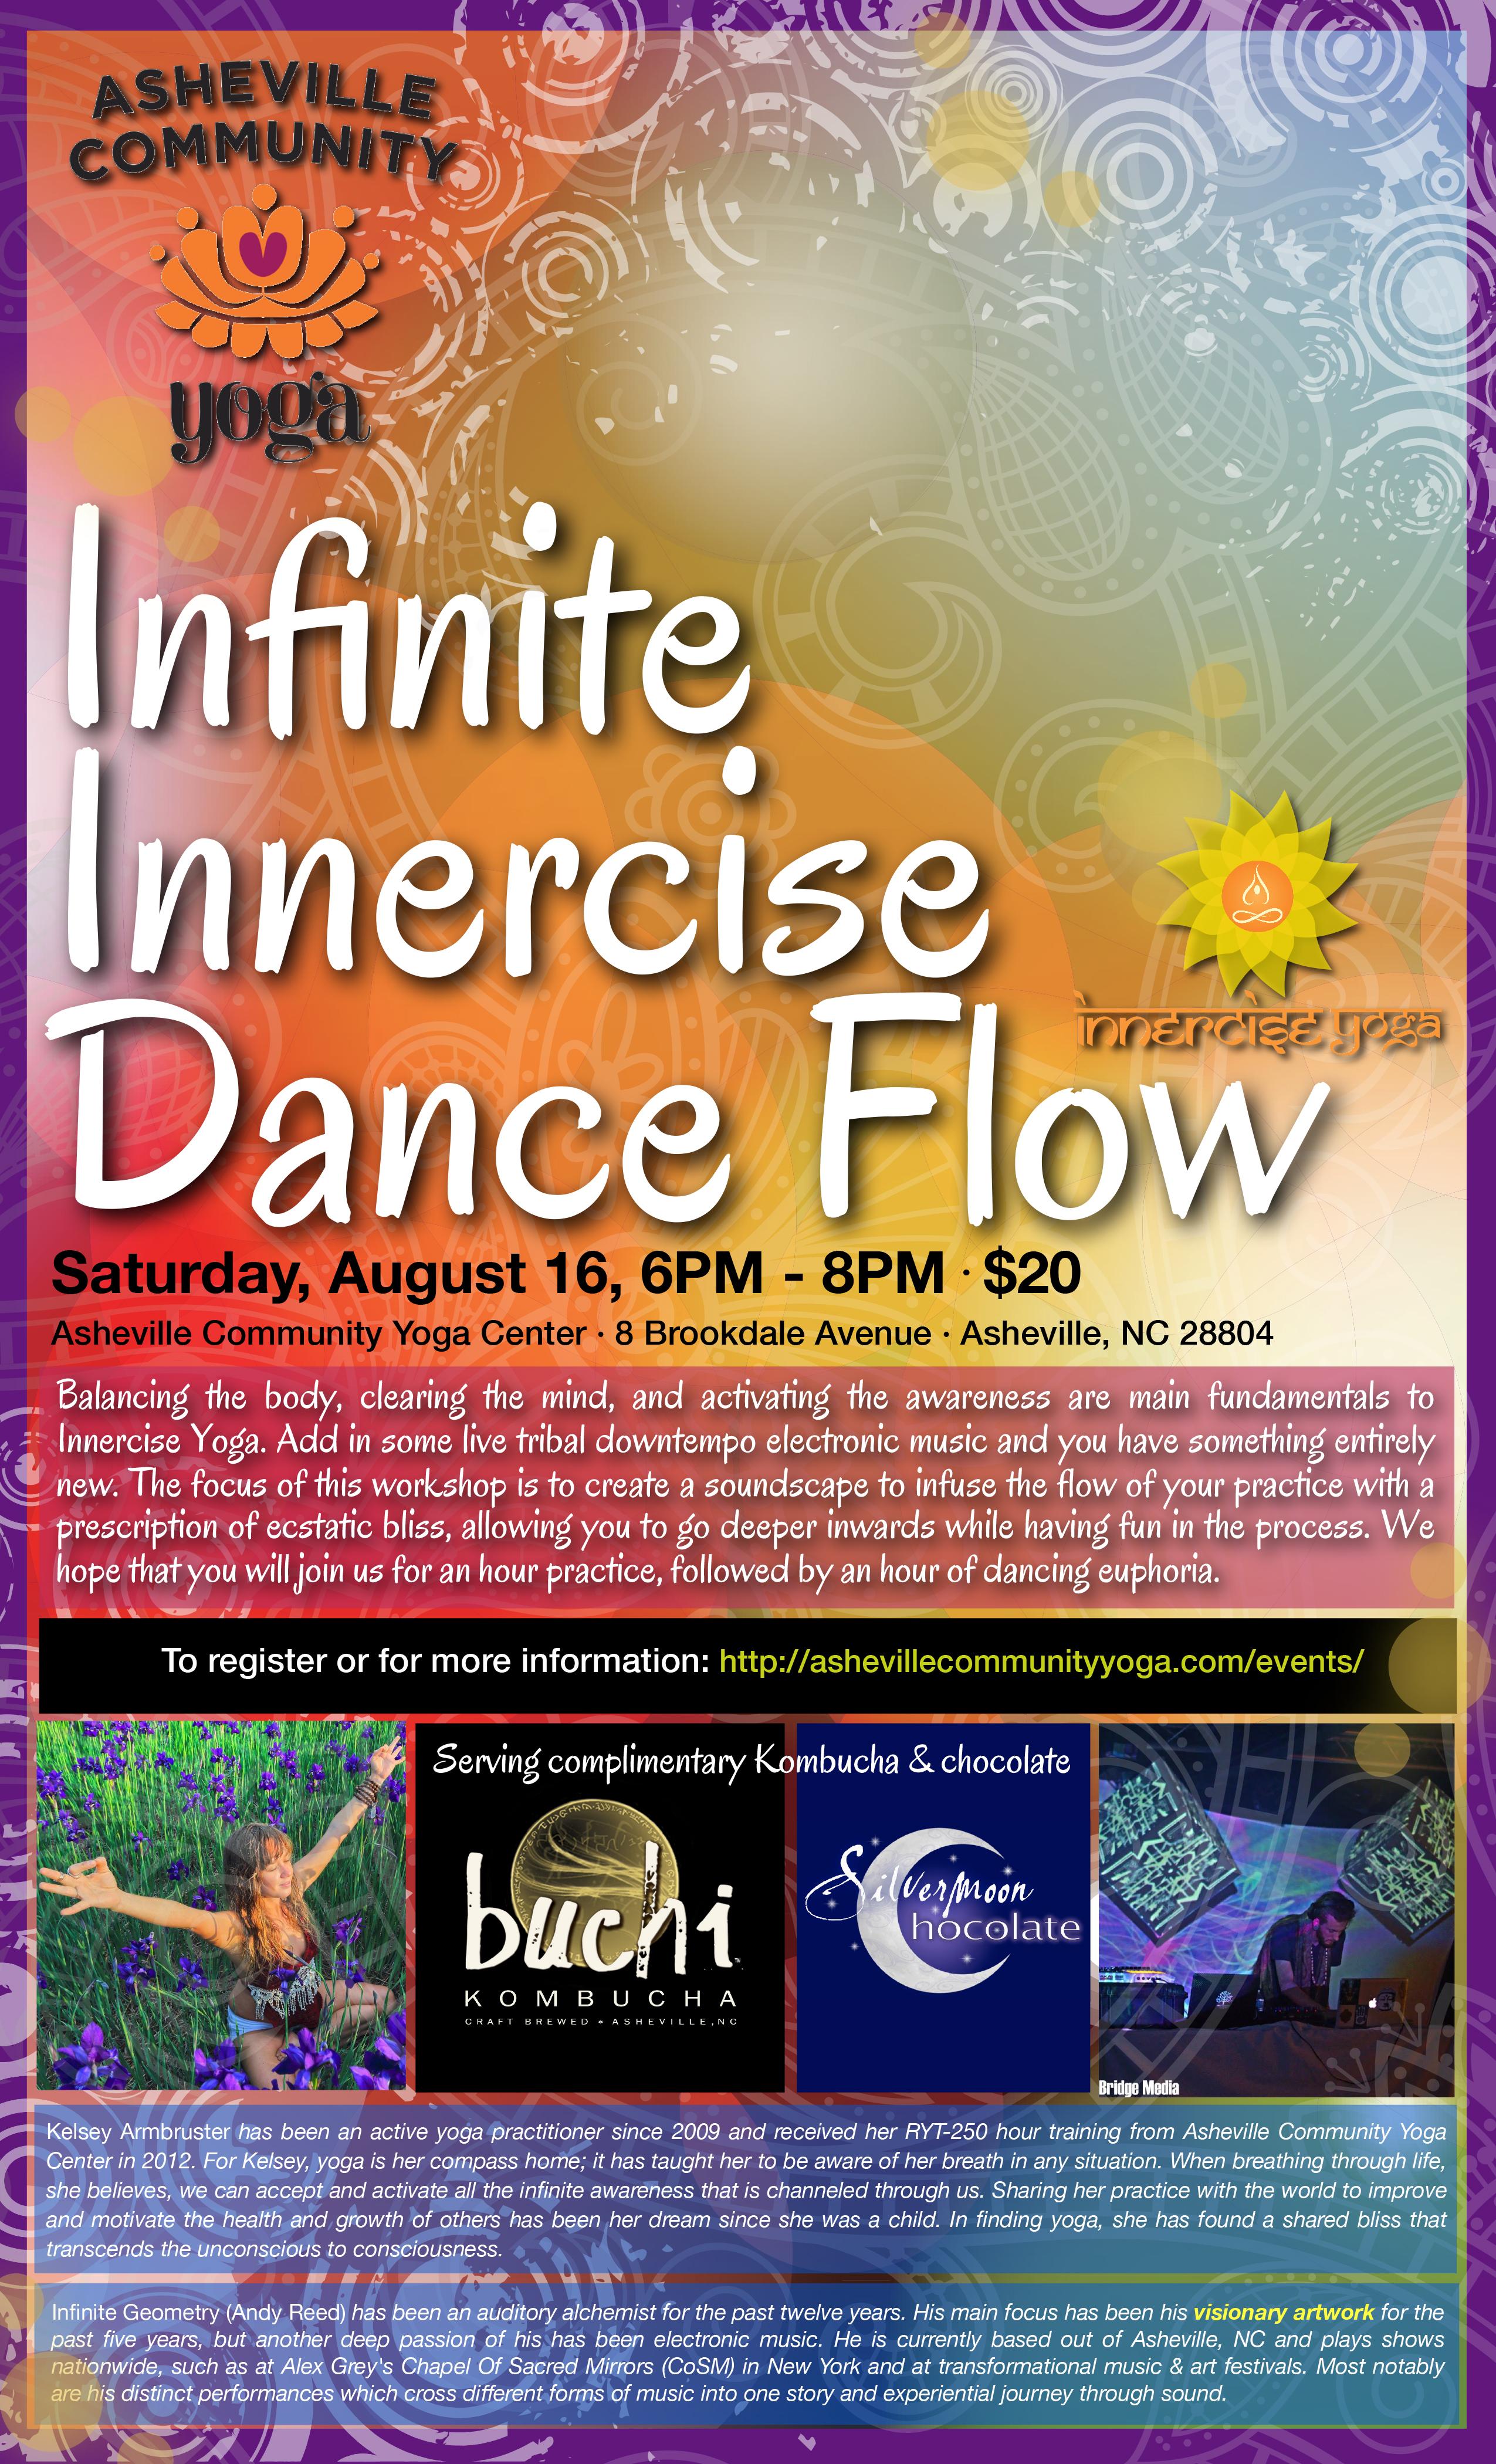 Innercise Yoga